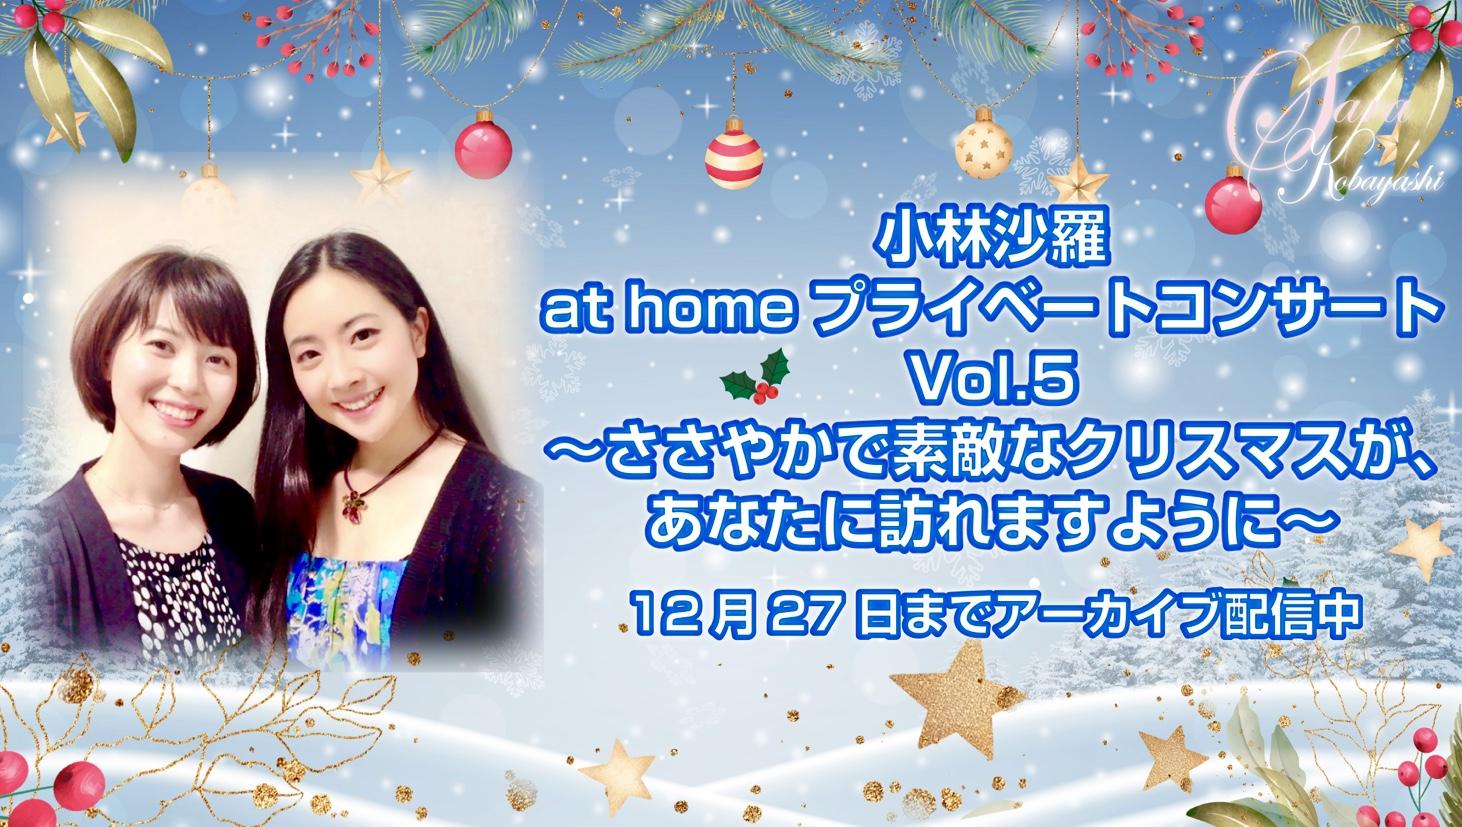 アーカイブ配信 小林沙羅 at home プライベートコンサート Vol.5 〜ささやかで素敵なクリスマスが、あなたに訪れますように〜